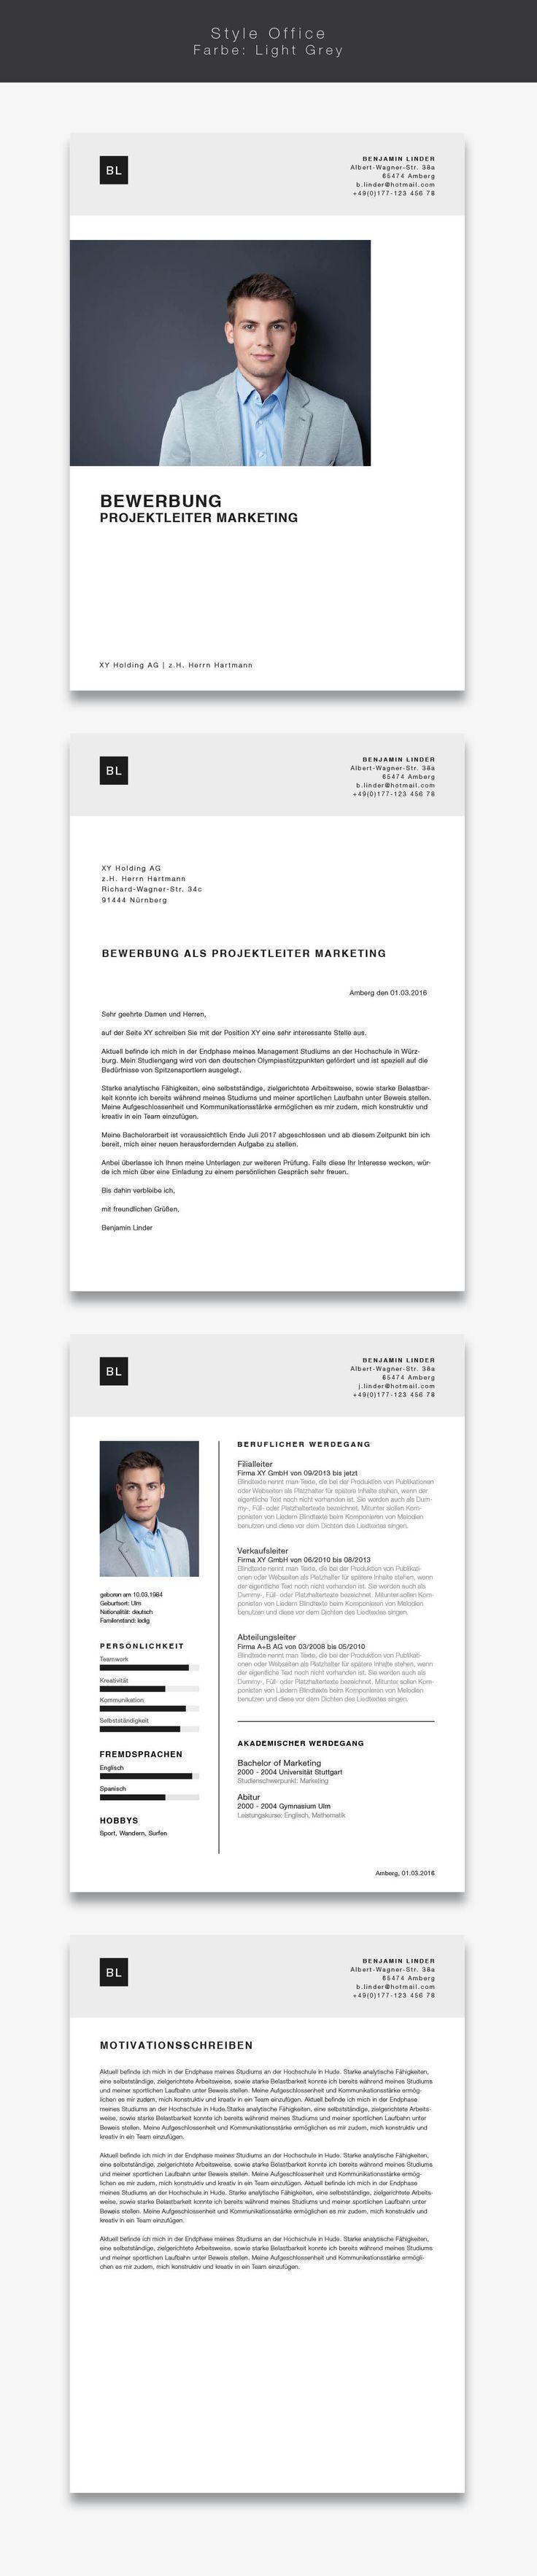 Bewerbungsvorlage Cv Style Office Anwendung Buro Stil Vorlage Women S Fashion In 2020 Lebenslauf Ideen Lebenslauf Bewerbung Lebenslauf Vorlage